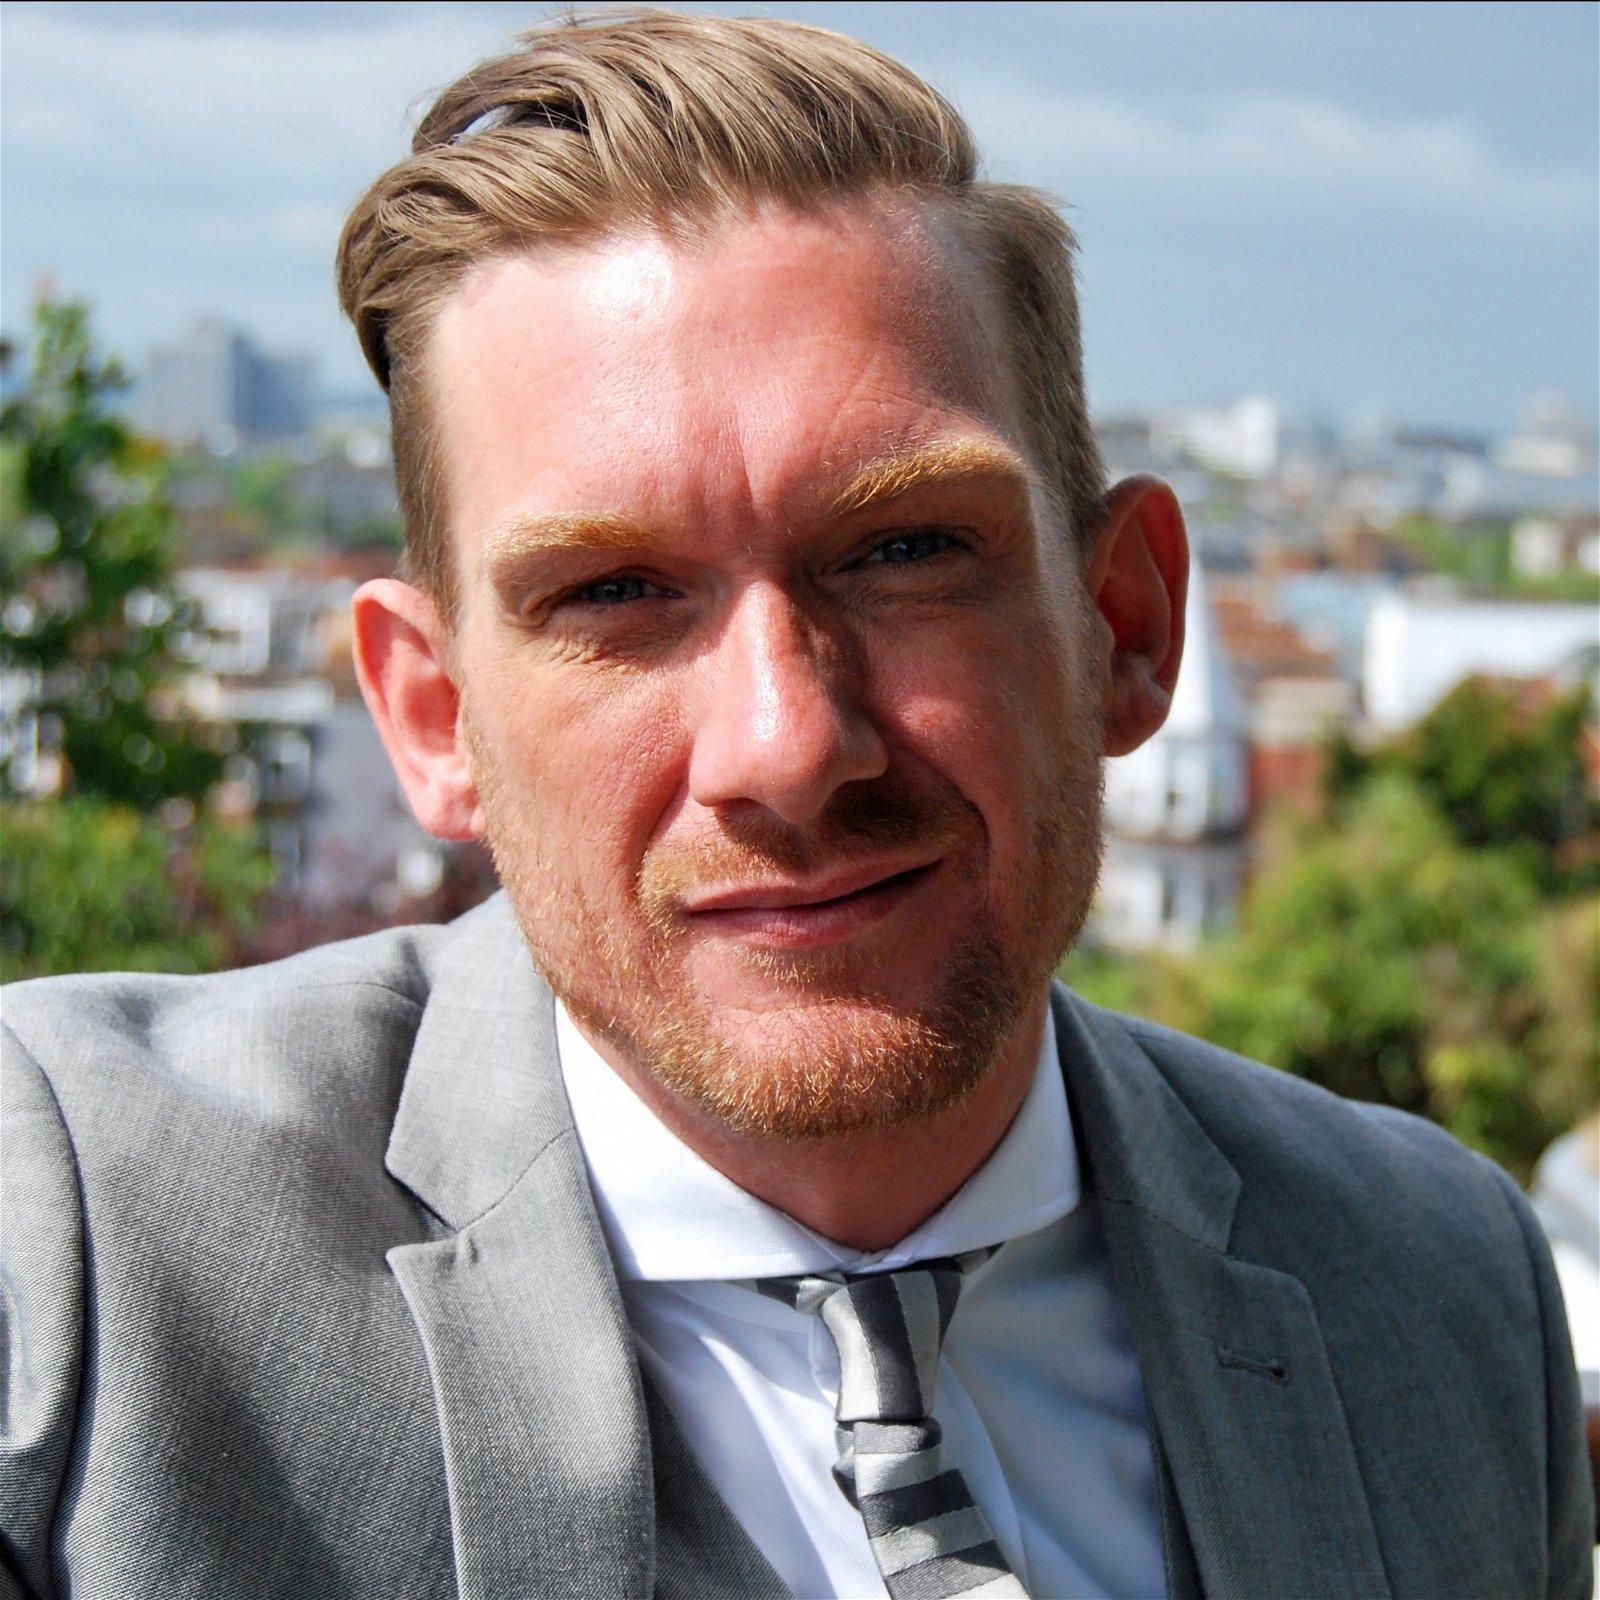 Peter-Avis-Motivational-Inspirational-restaurant-hospitality-custormer-service-expert-speaker-at-Great-British-Speakers